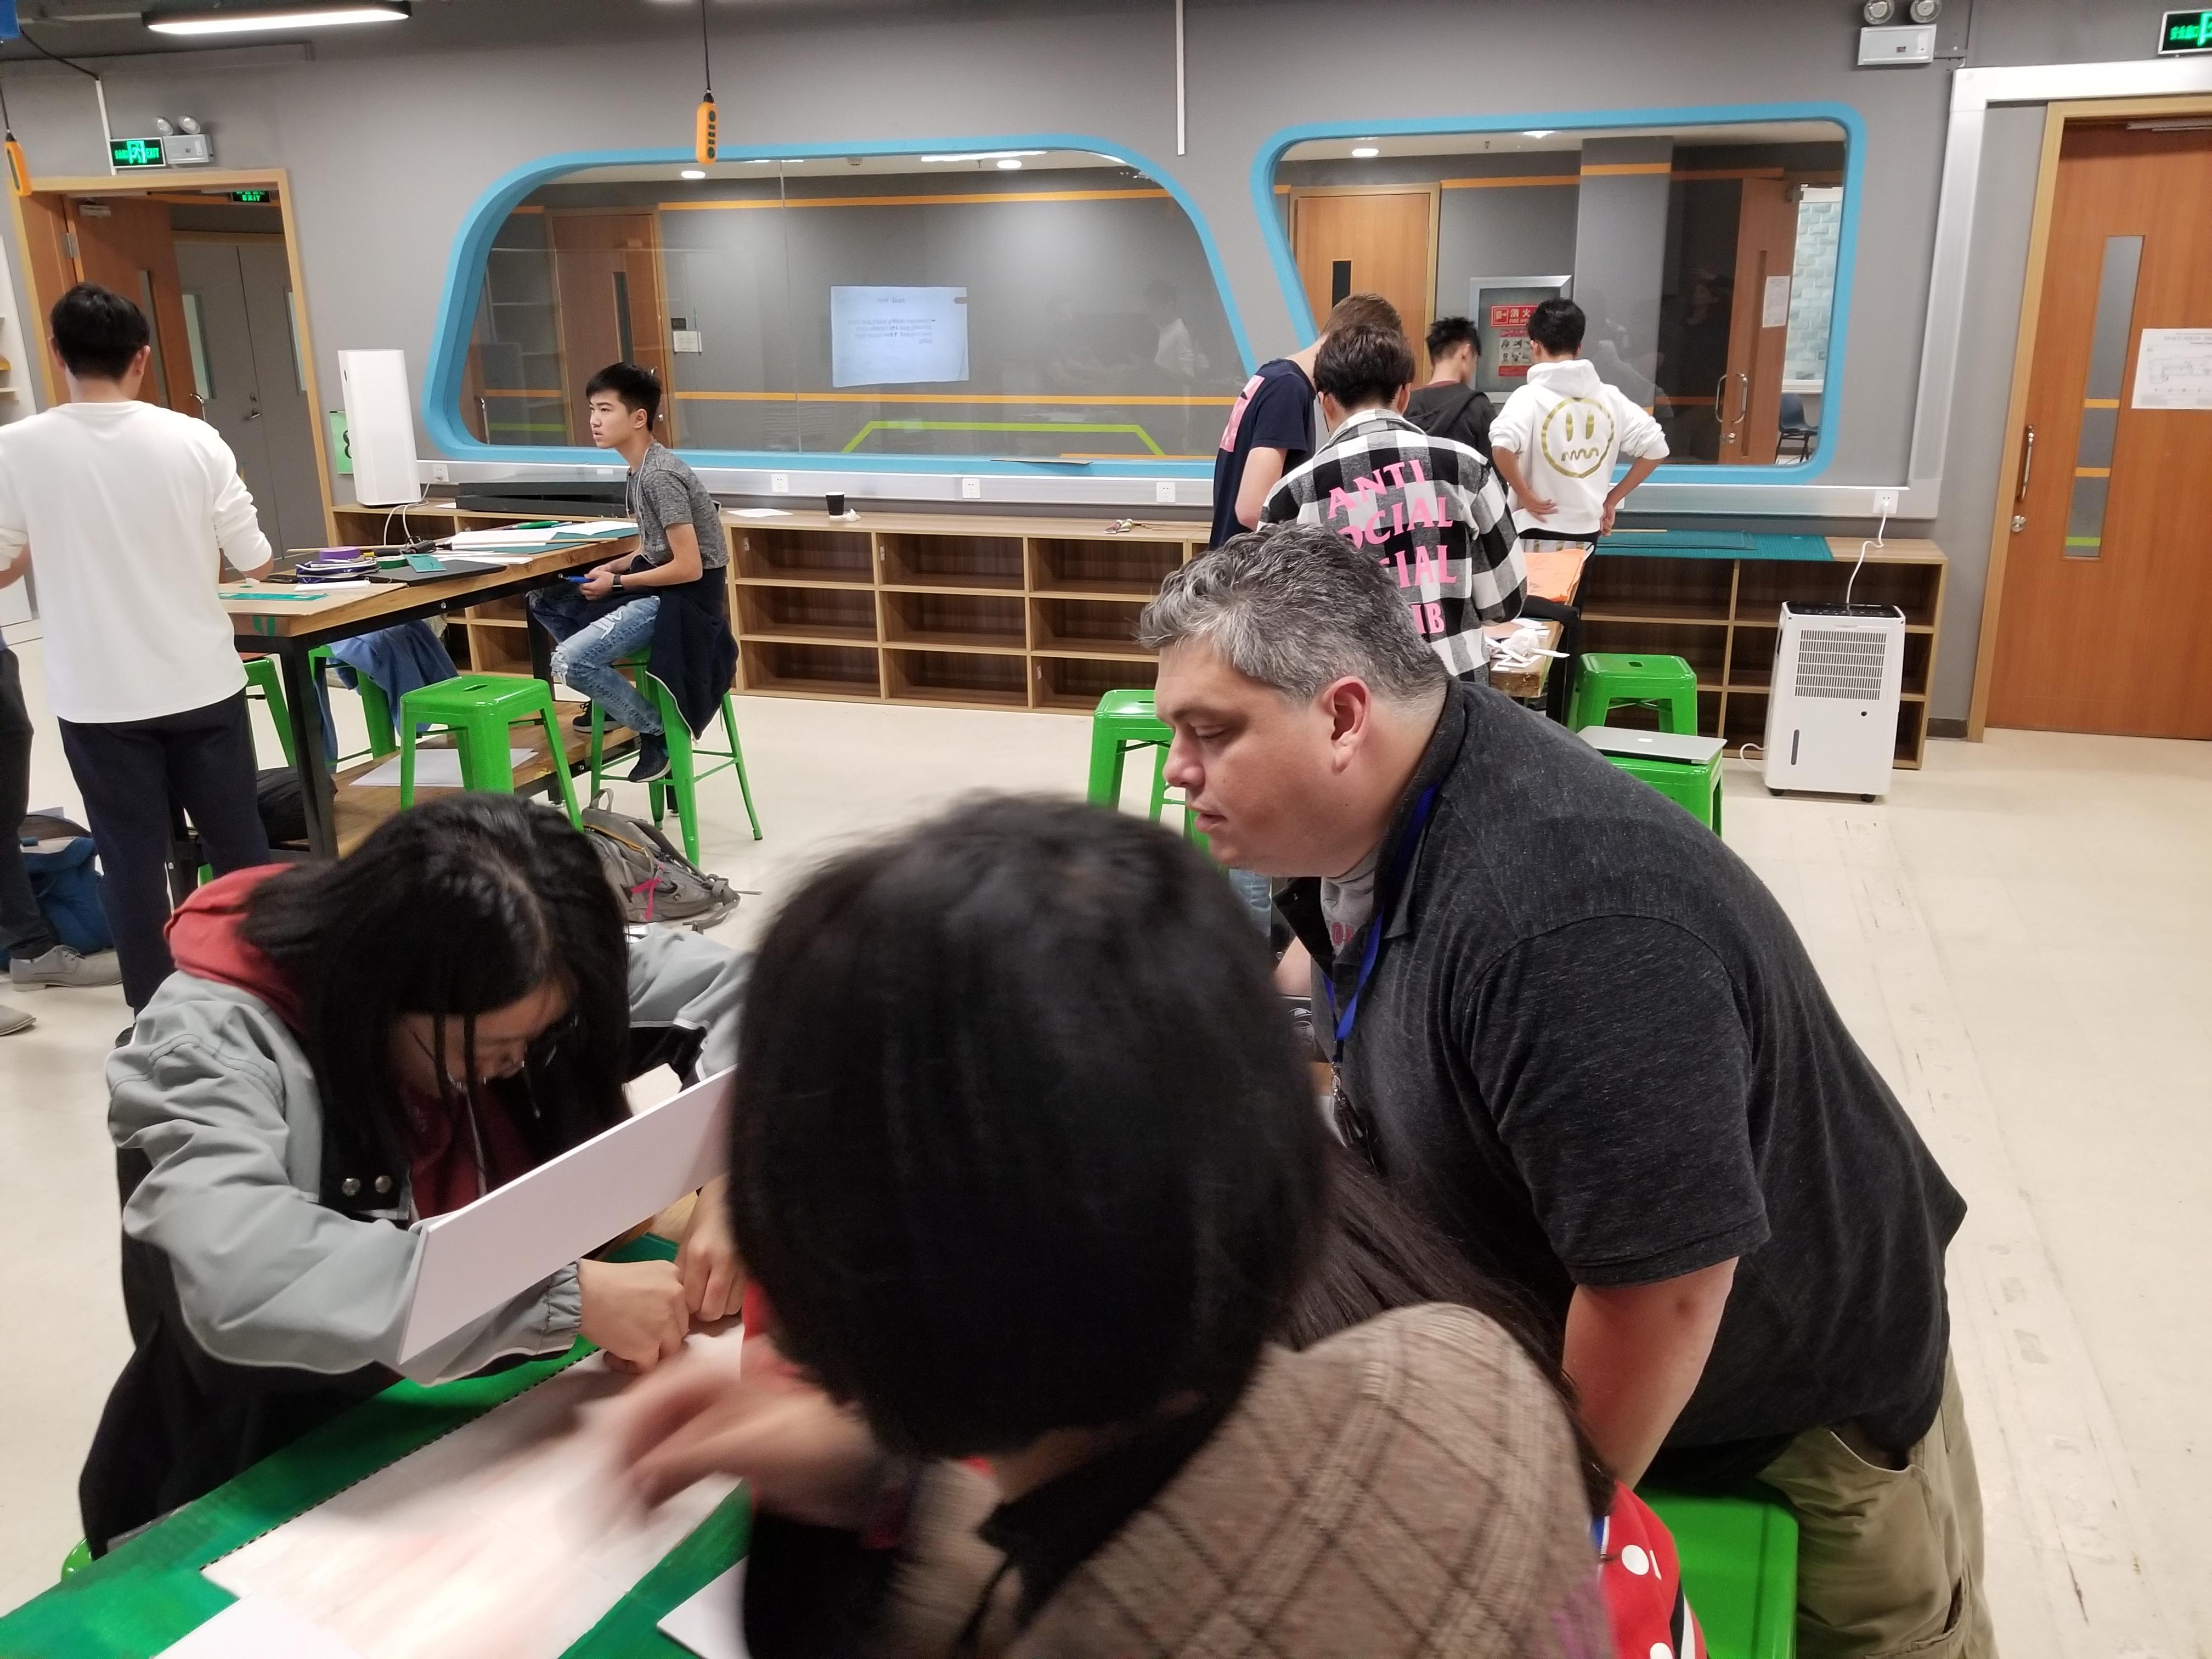 Justin Sheehan instructing students